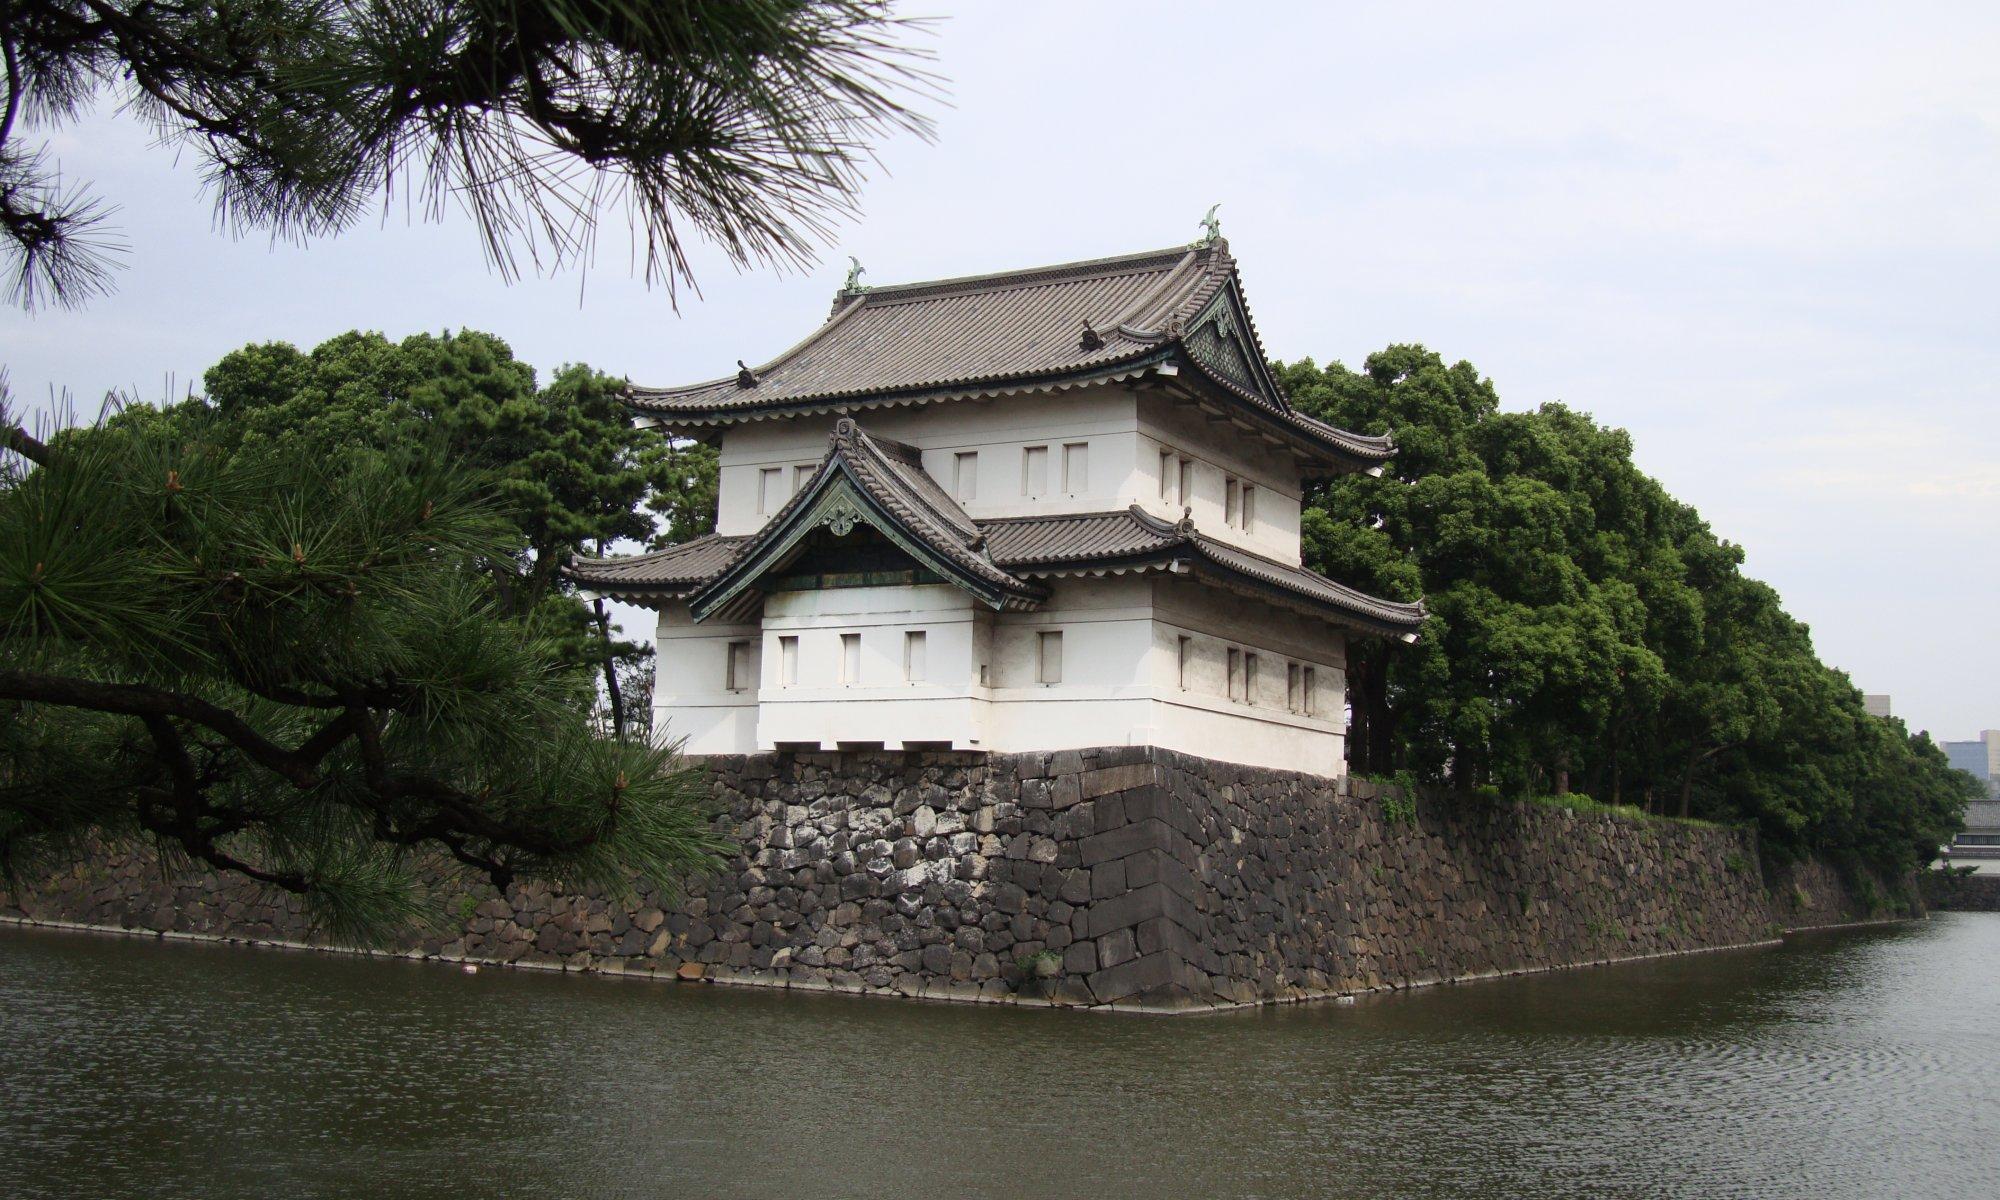 Imperial Palace, Tōkyō